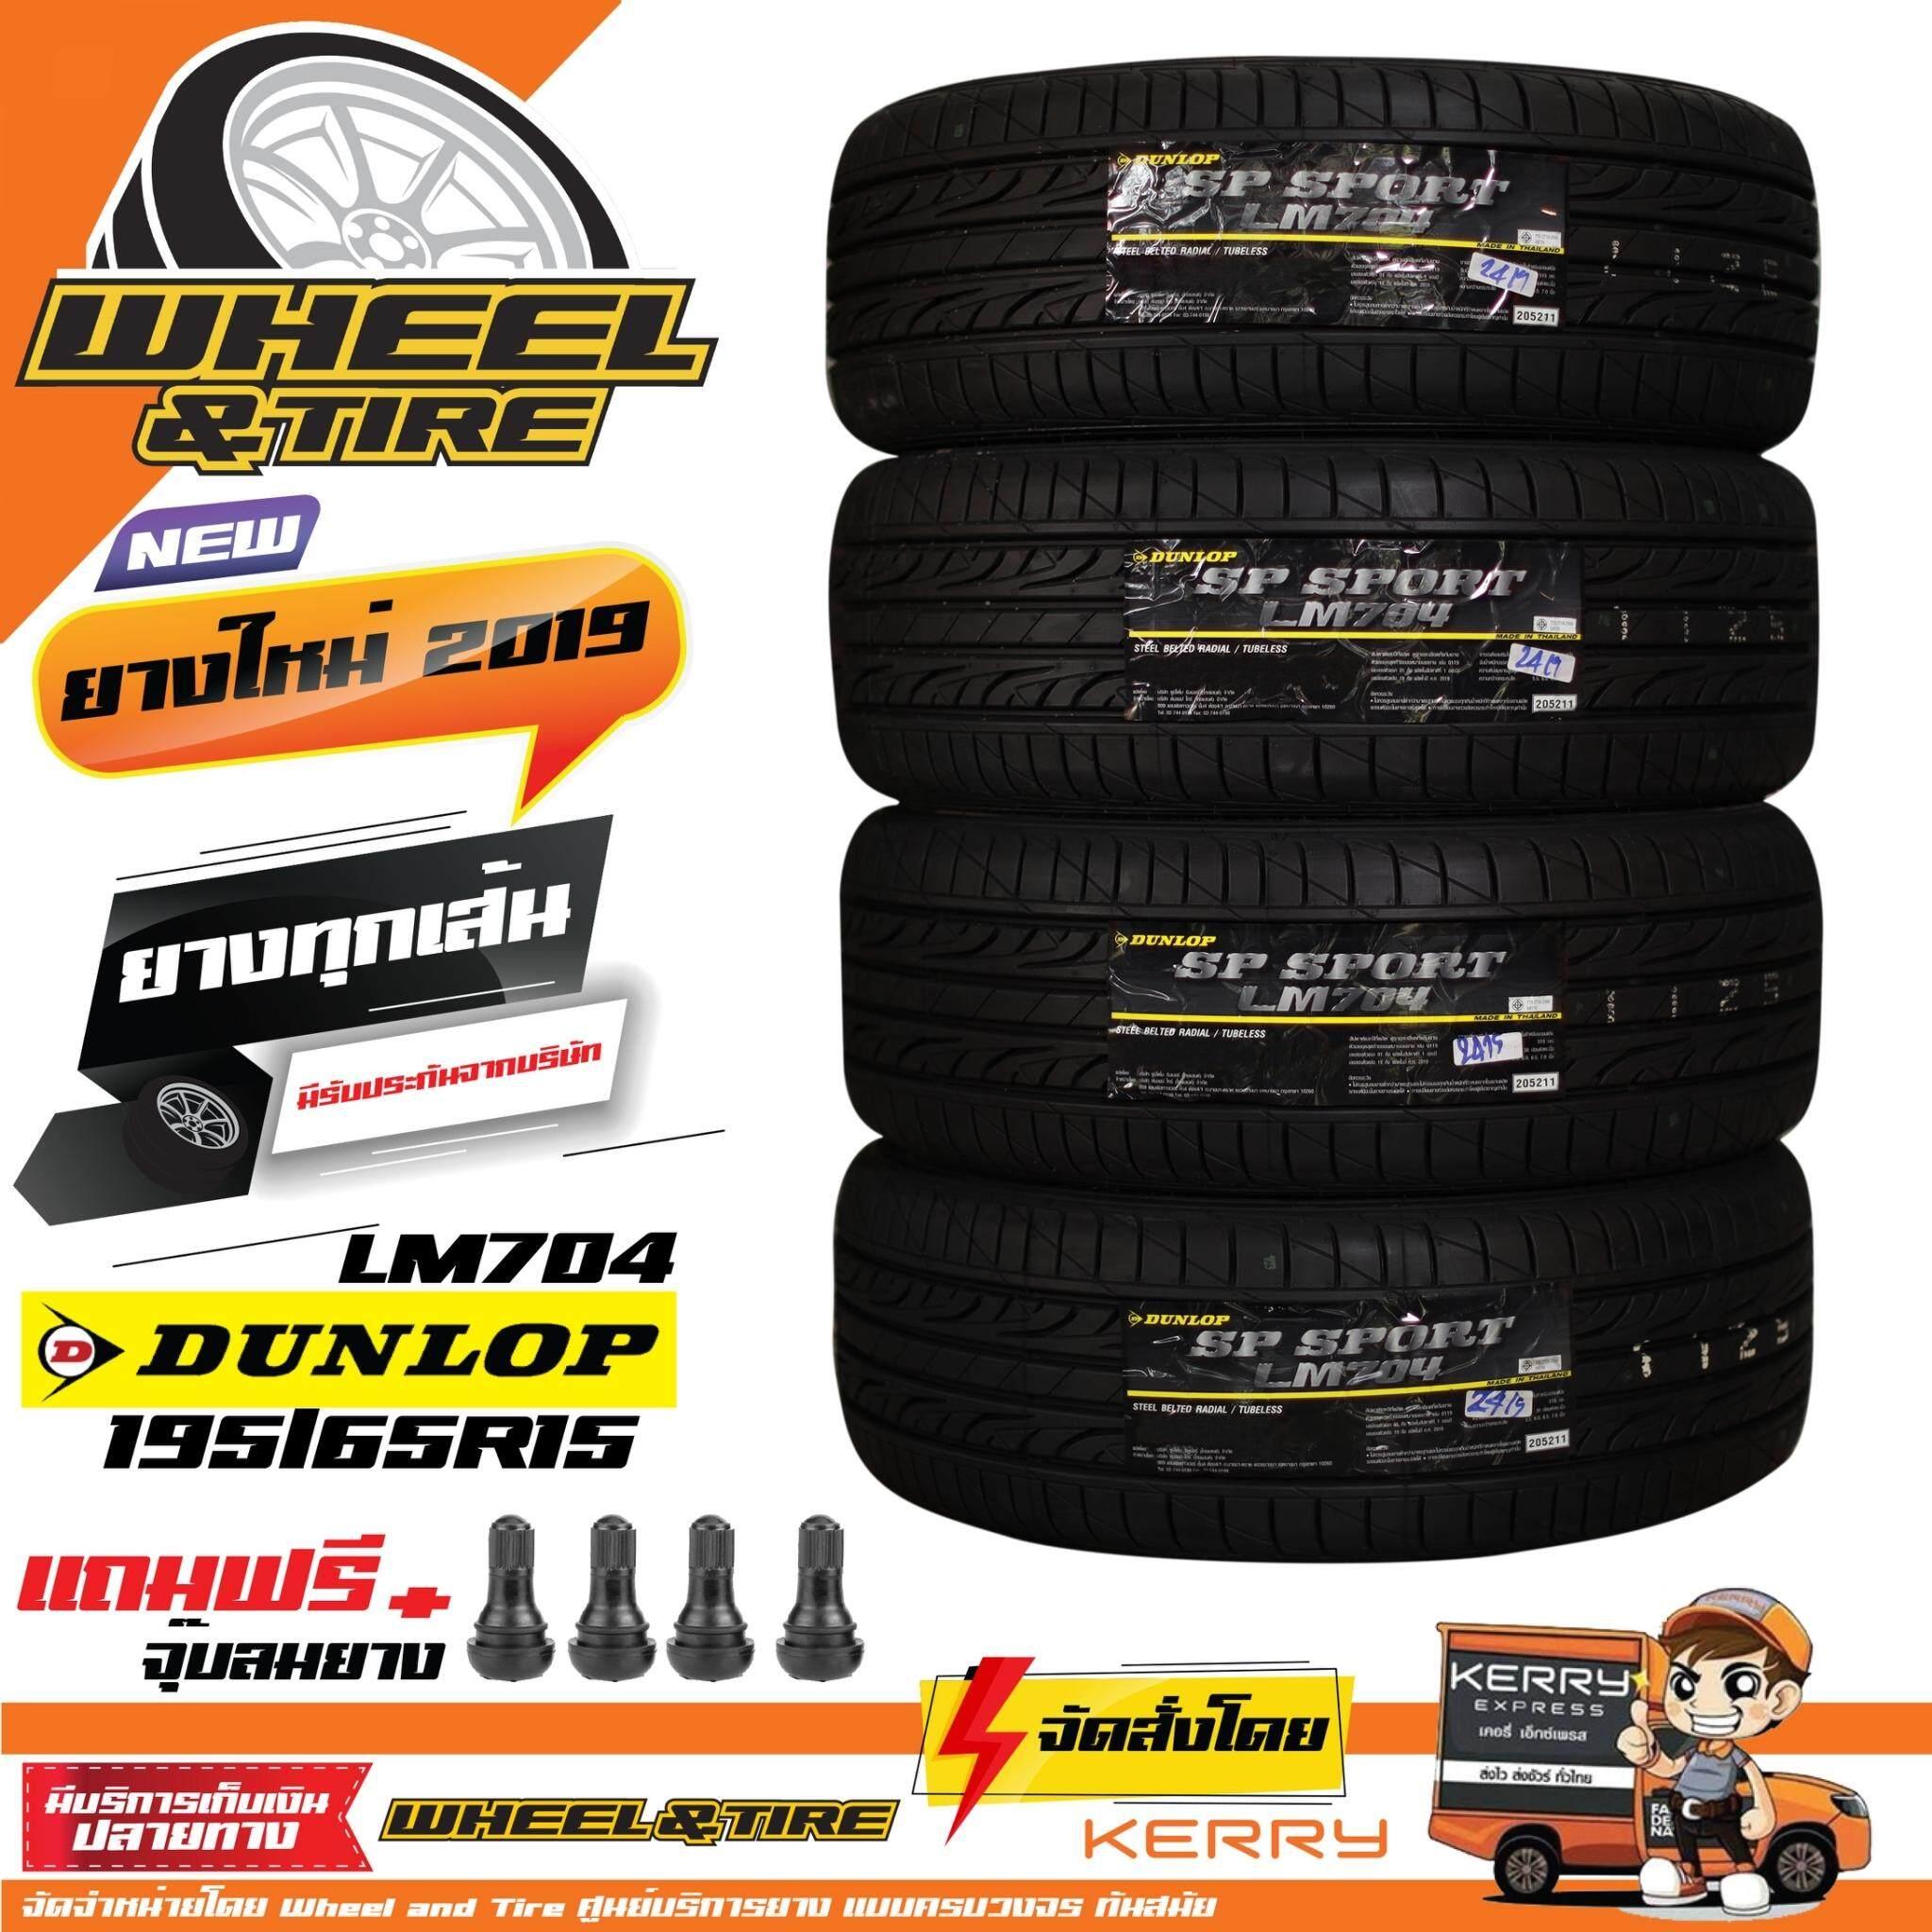 หนองคาย Dunlop ยางรถยนต์ 195/65R15 รุ่น LM 704 จำนวน 4 เส้น ยางใหม่ปี 2019 แถมฟรีจุ๊บลมยาง   4 ชิ้น